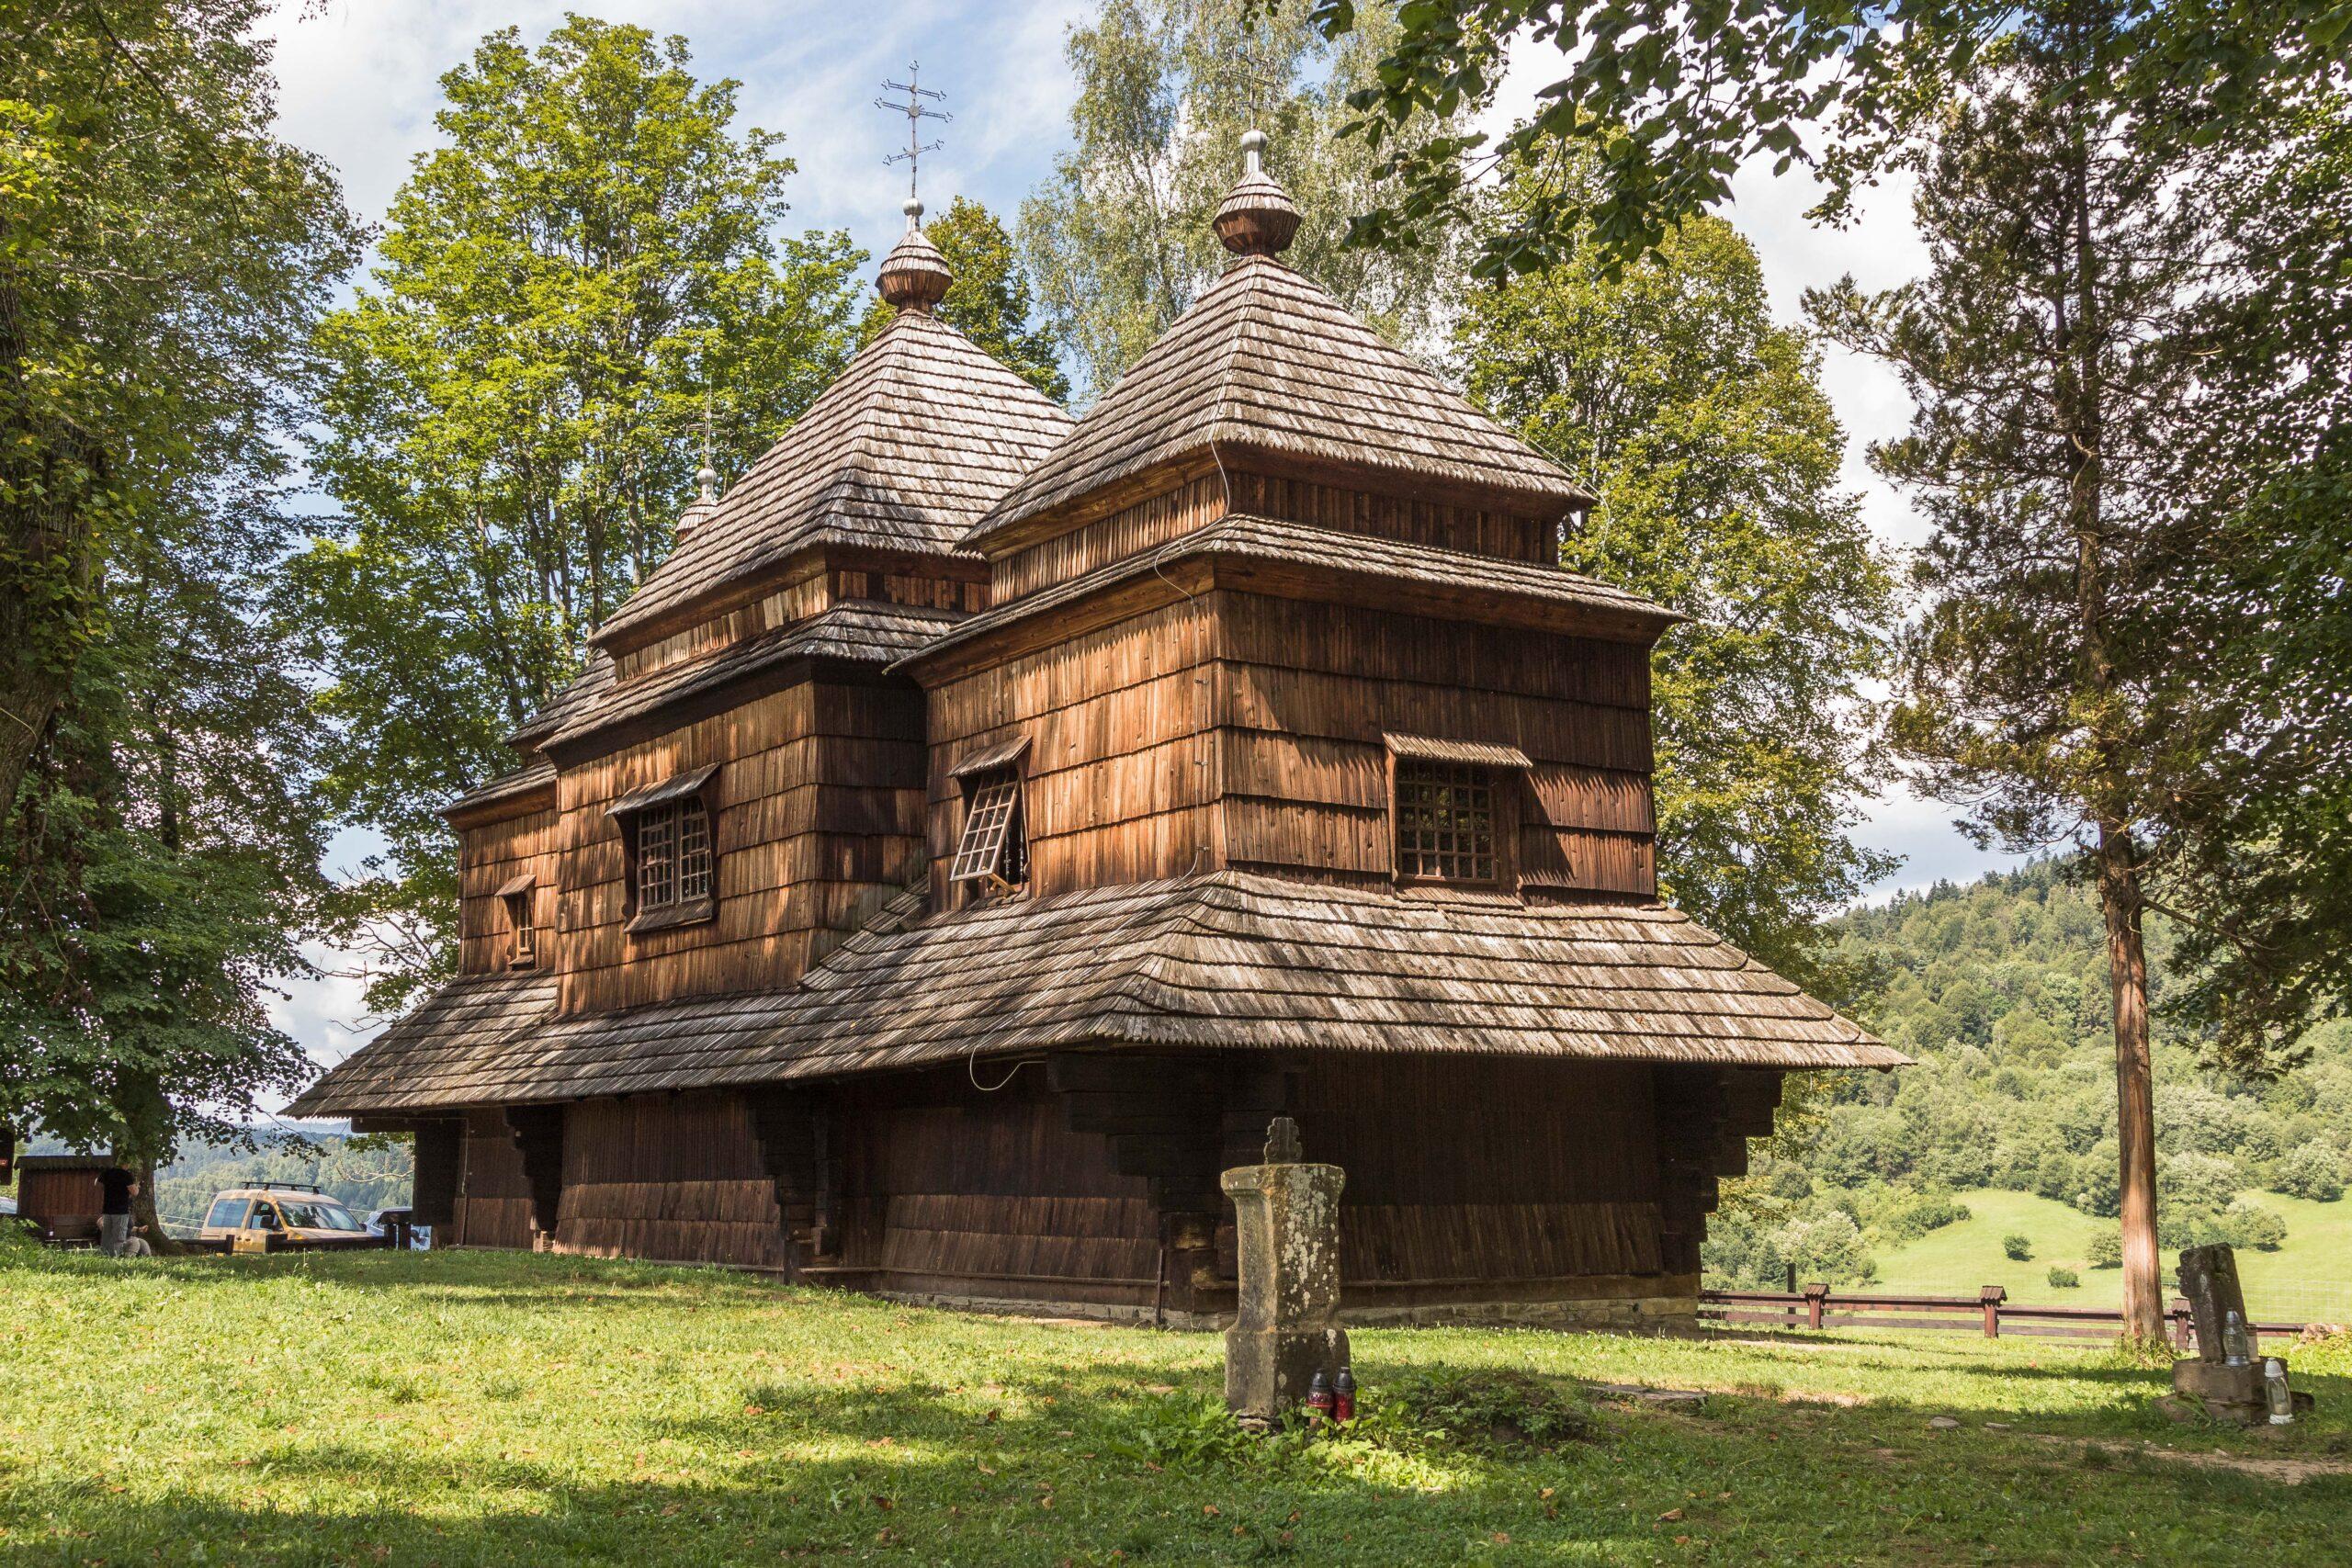 Cerkiew w Smolniku i Wielka Pętla Bieszczadzka